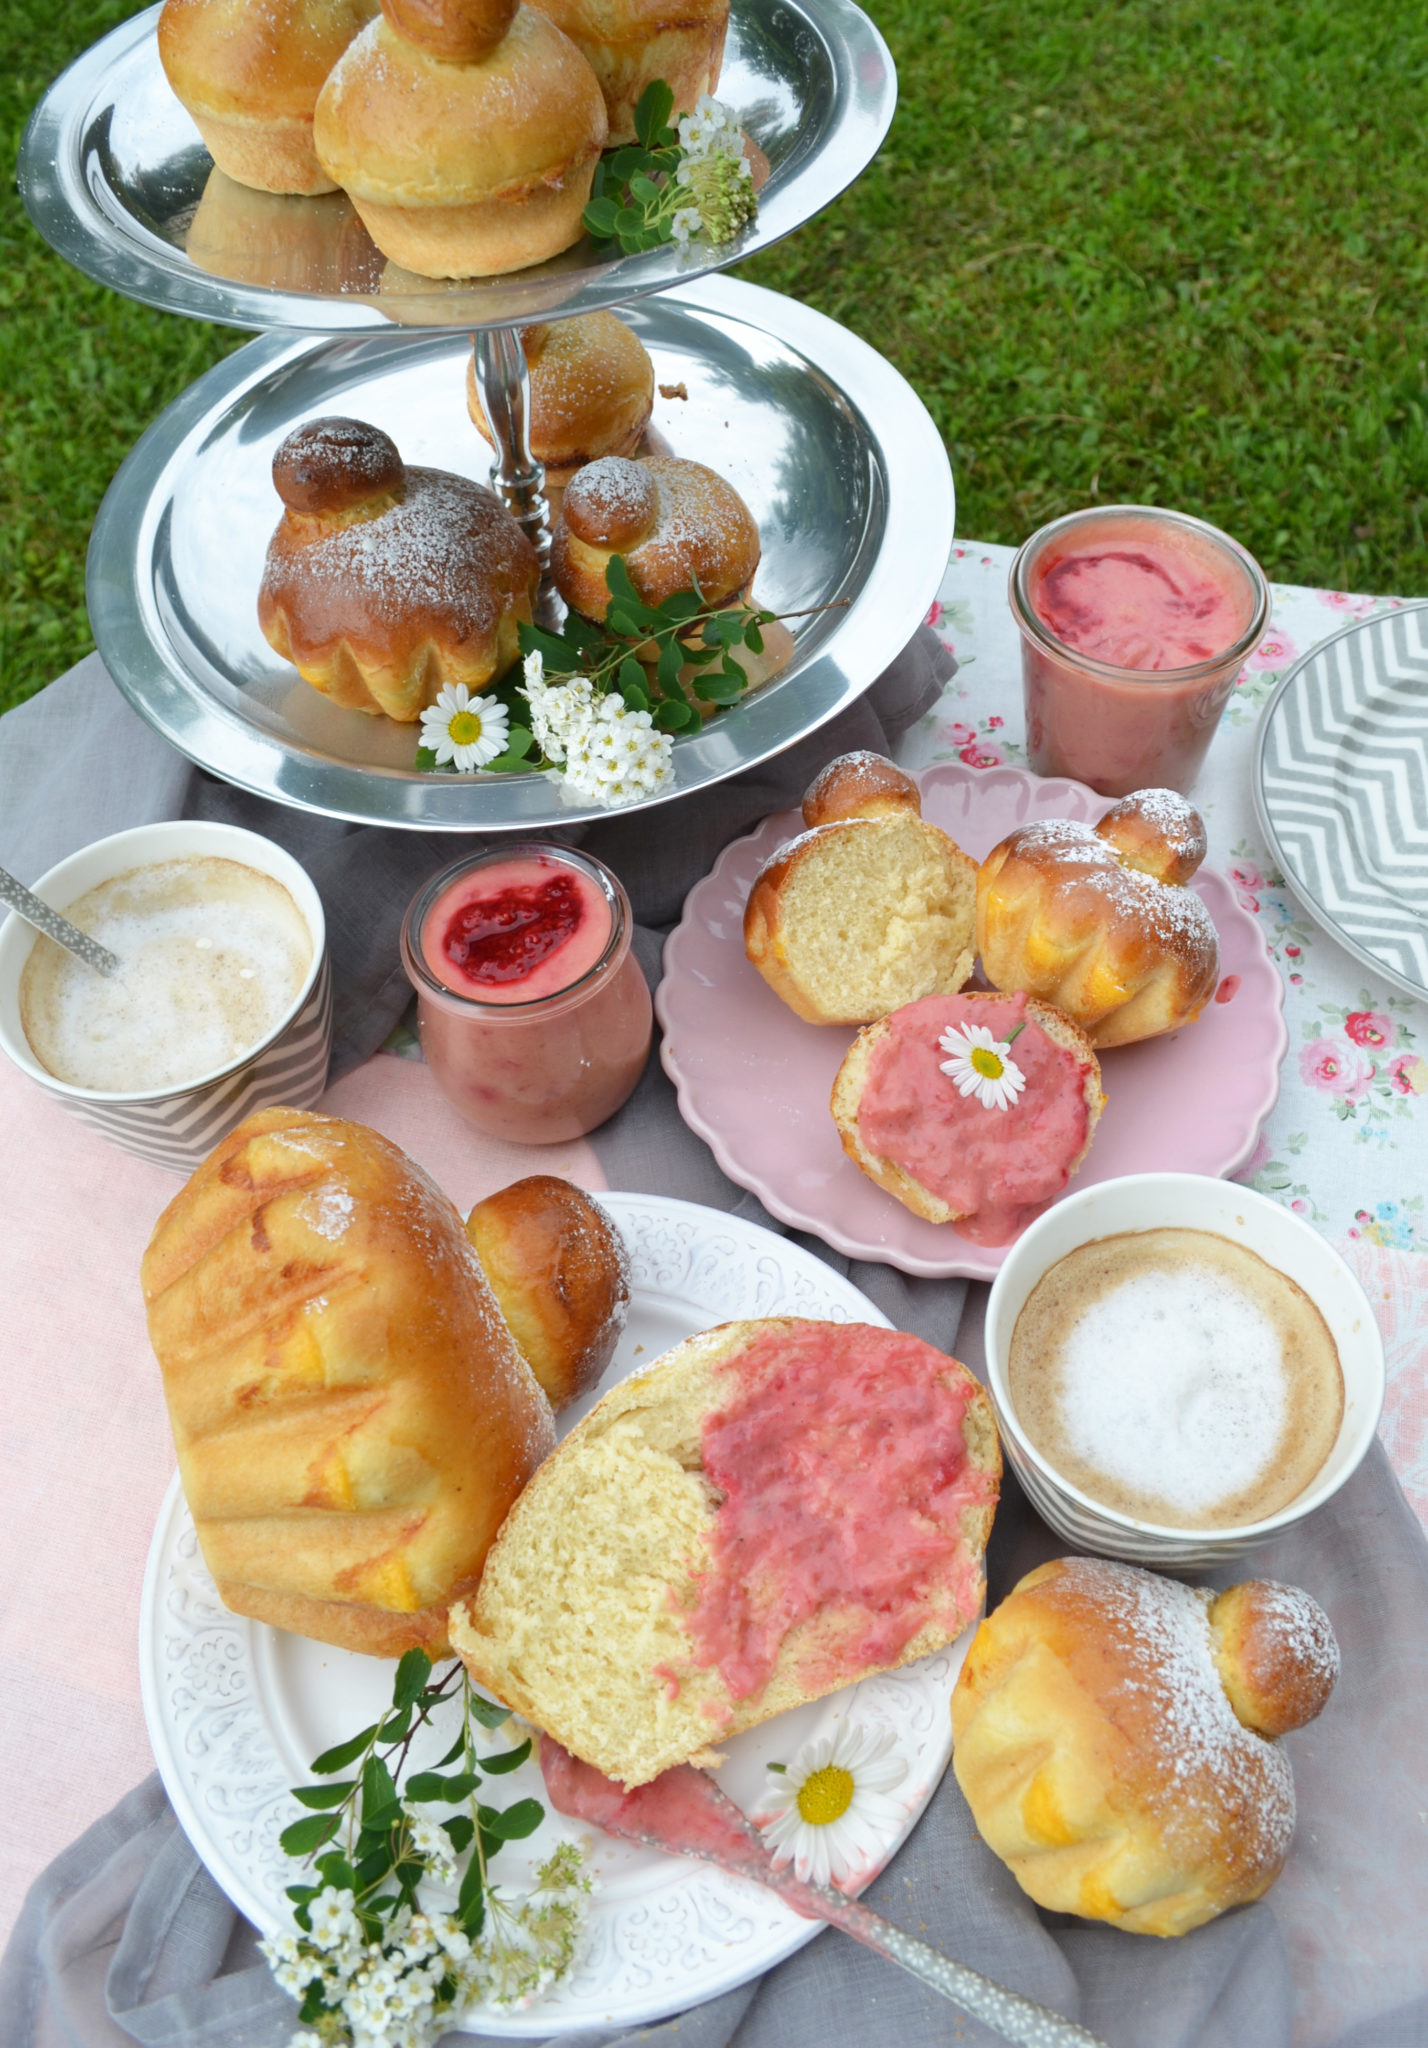 Frühstück auf Französisch! Brioches à tête mit Rhabarber-Curd